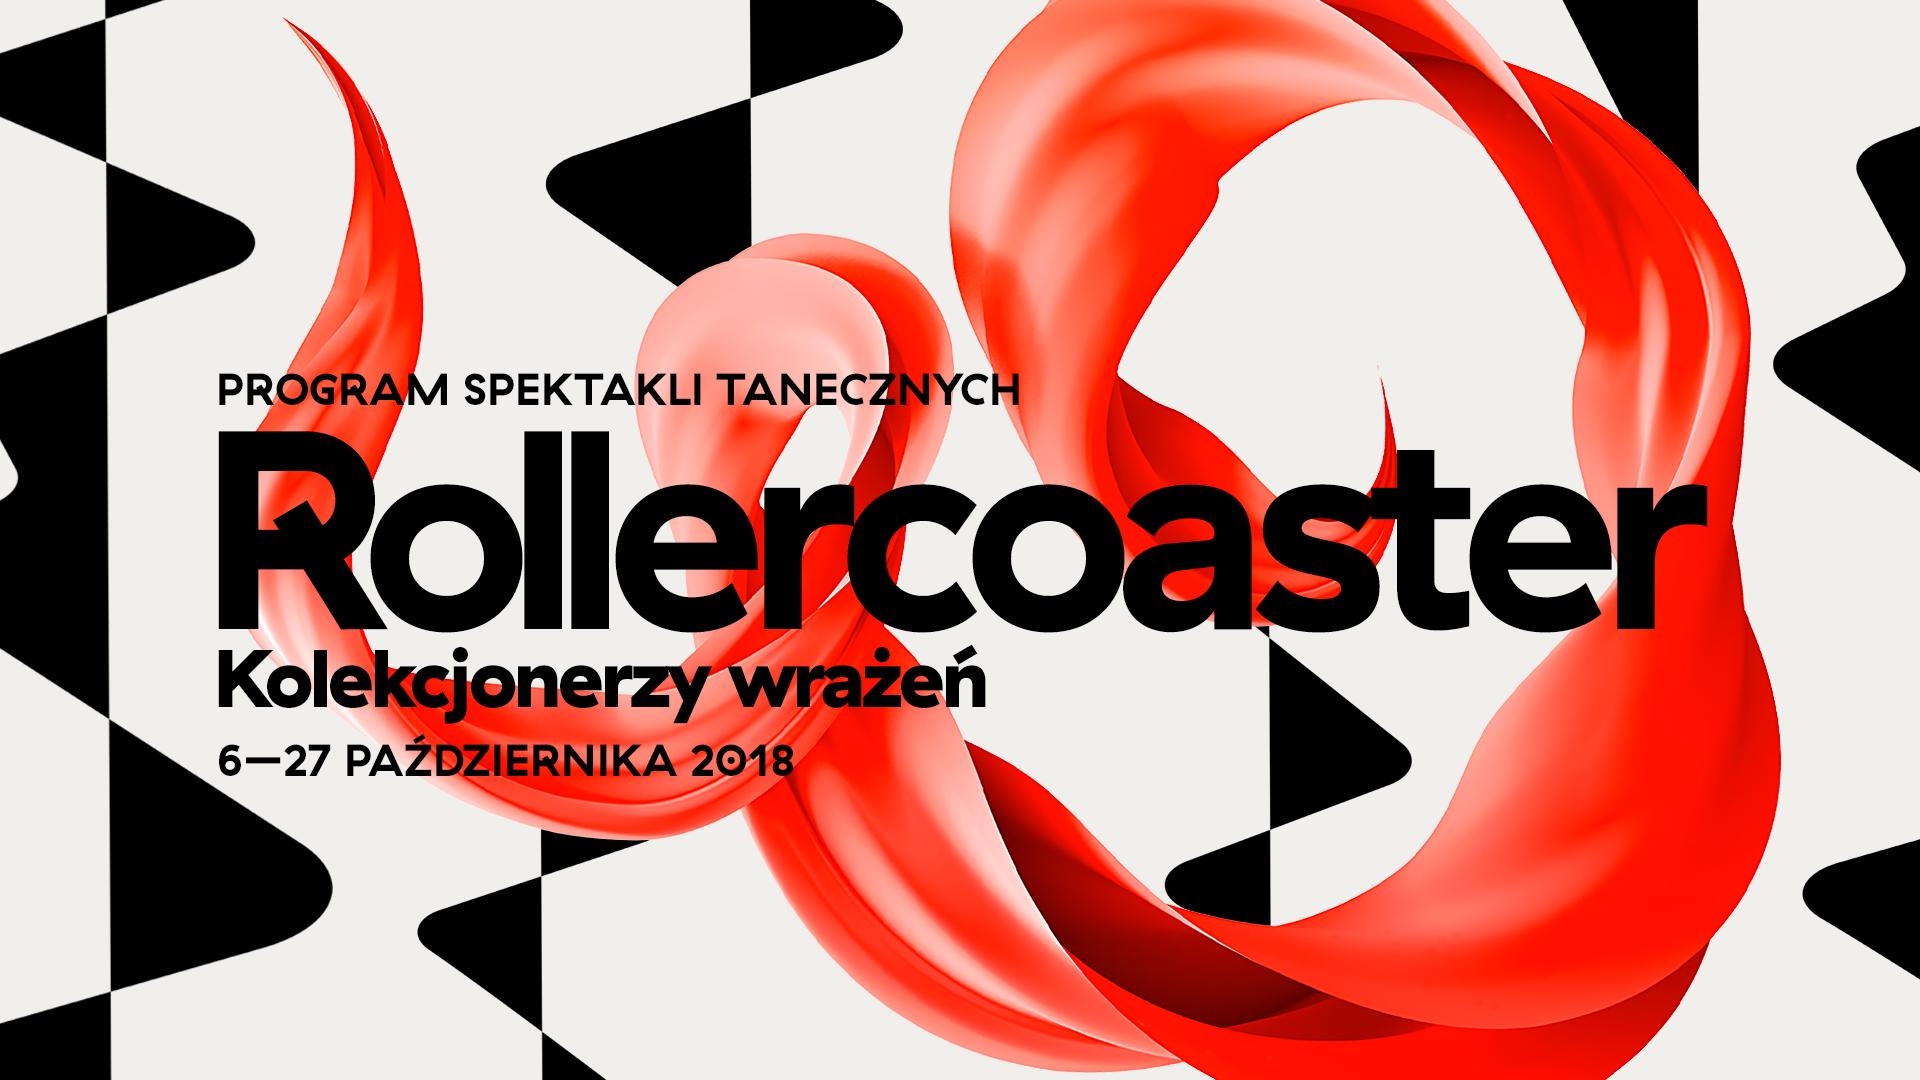 """""""Rollercoaster. Kolekcjonerzy wrażeń"""", Cricoteca (źródło: materiały prasowe organizatorów)"""